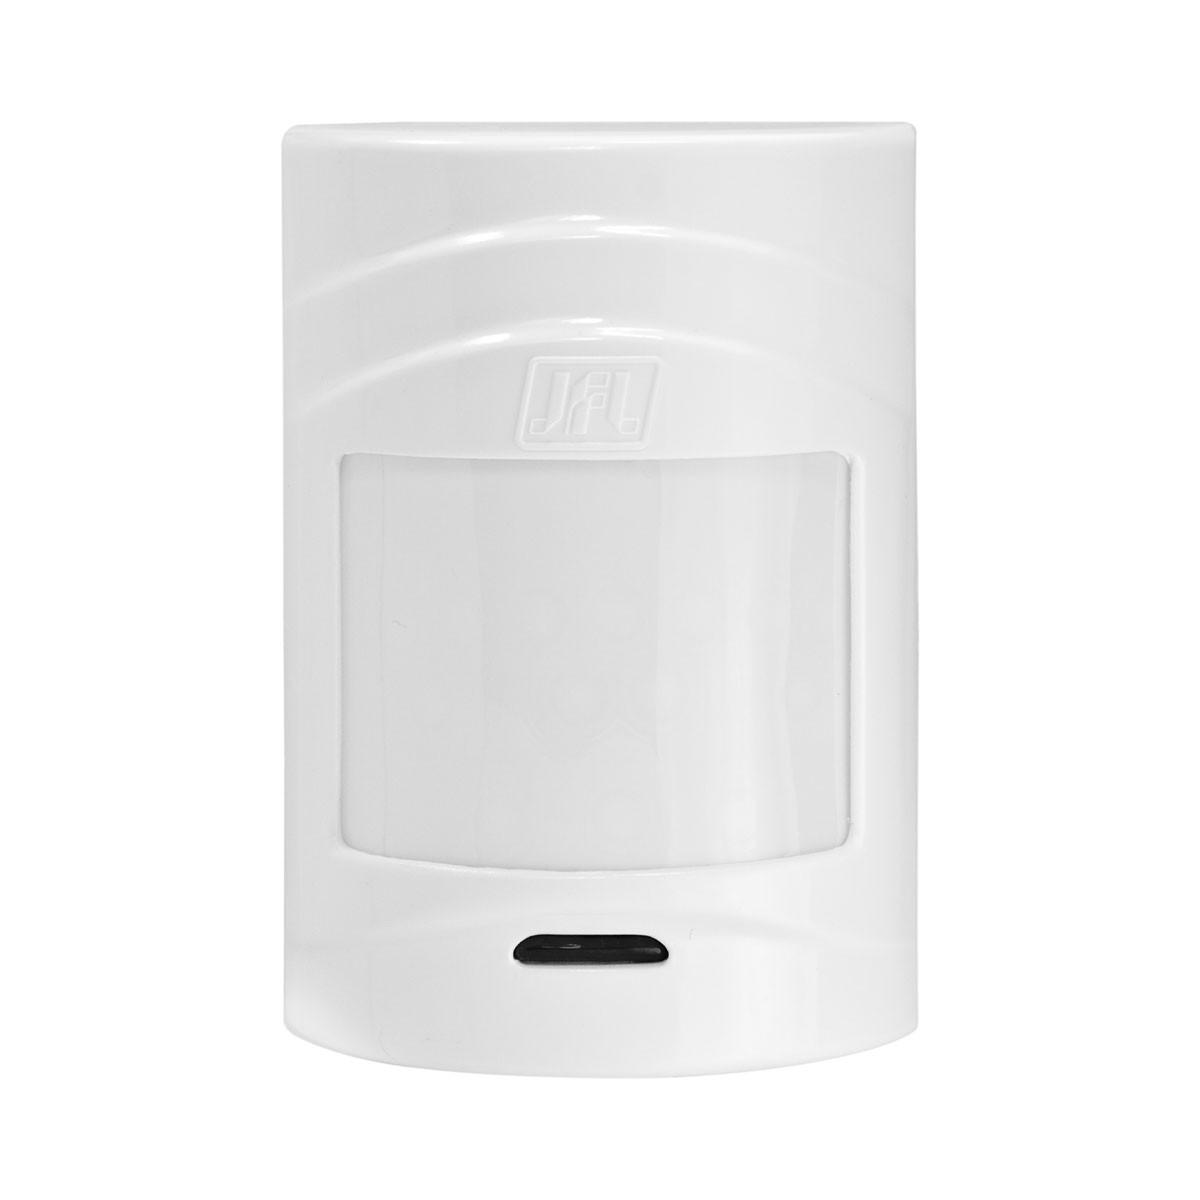 Sensor Infravermelho Sem Fio Pet 20Kg IrPet 530 Sf Jfl